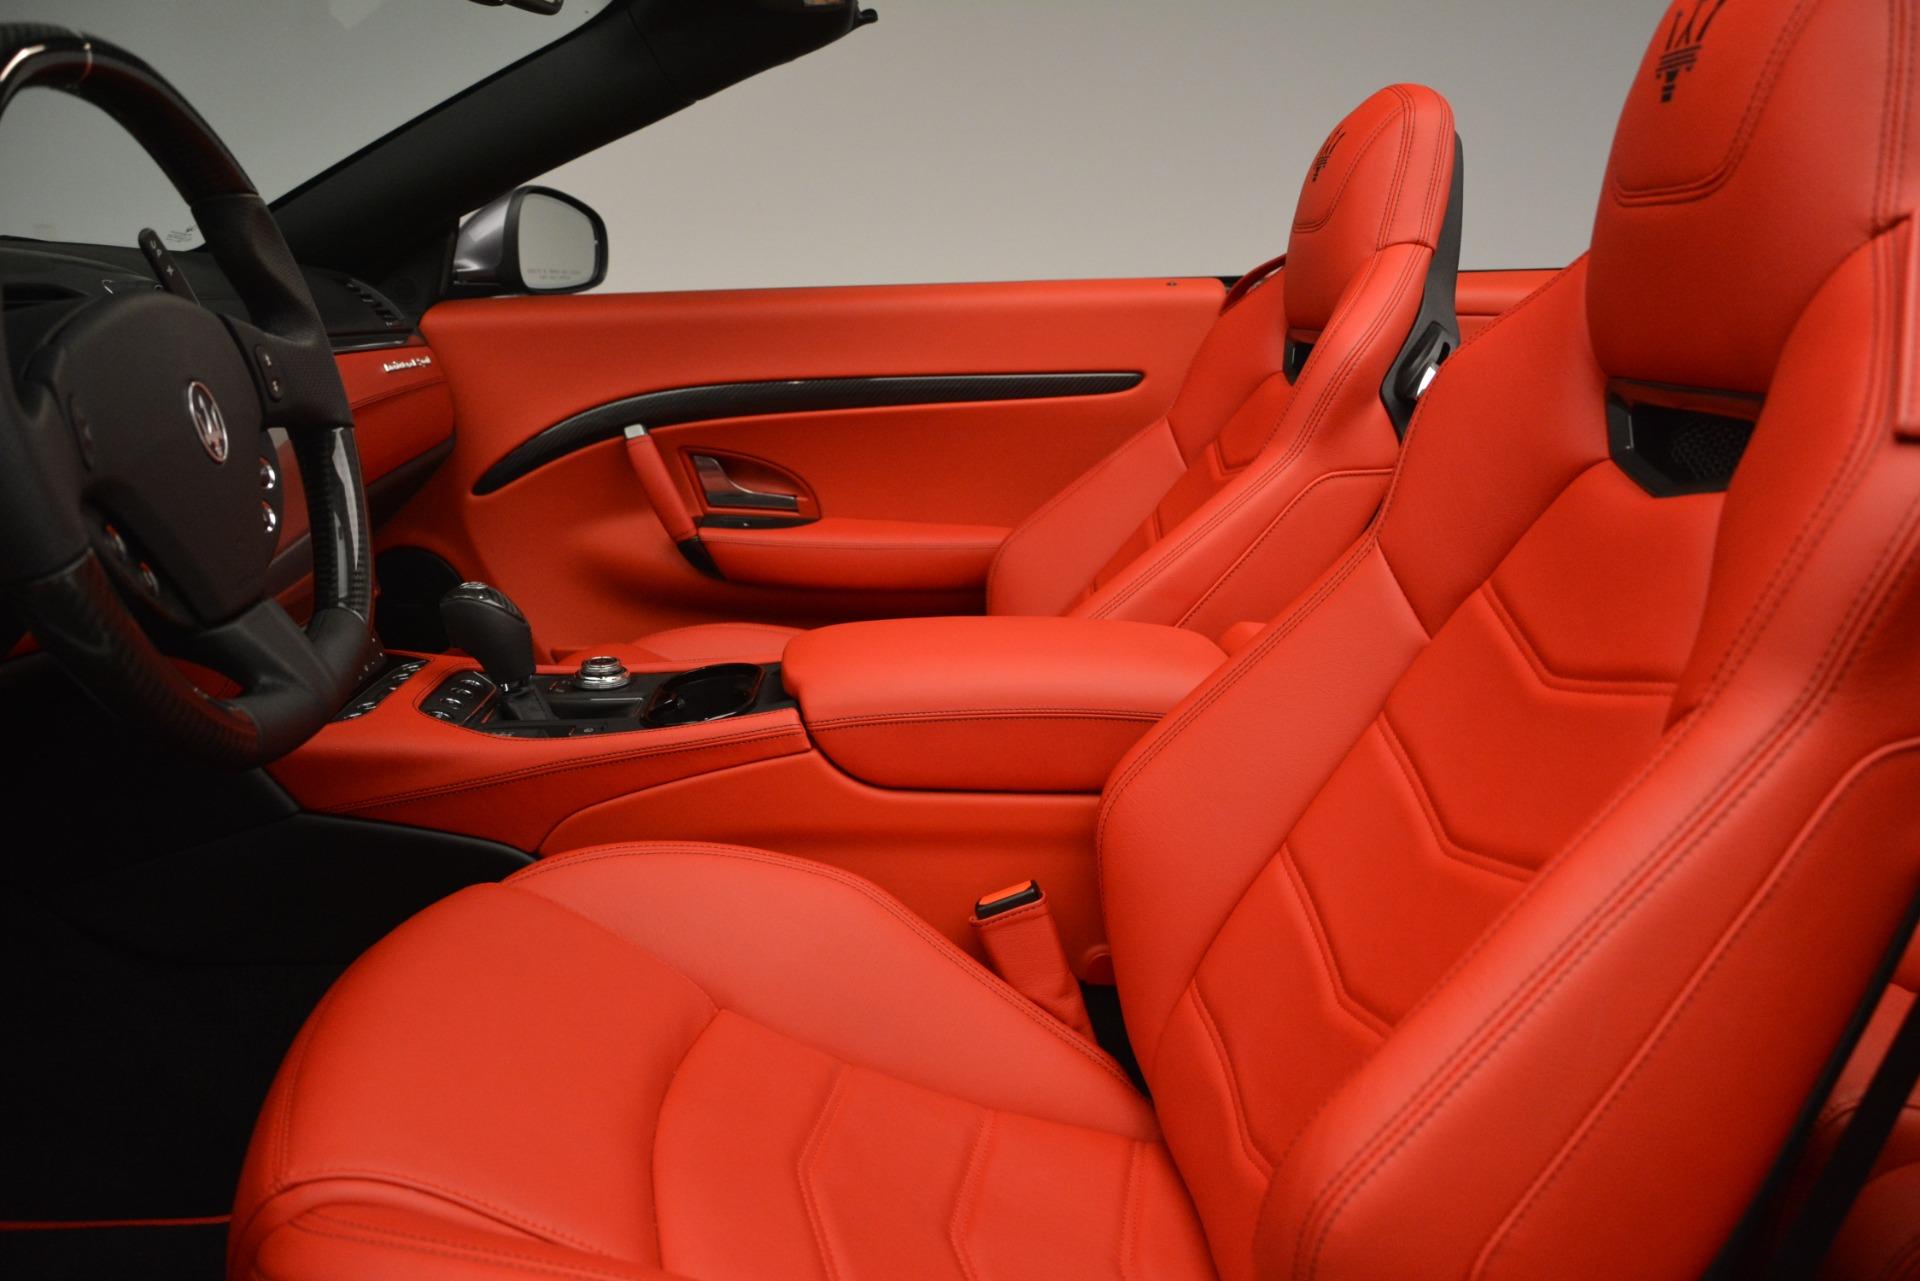 Used 2018 Maserati GranTurismo Sport For Sale In Greenwich, CT. Alfa Romeo of Greenwich, 7626 2637_p23